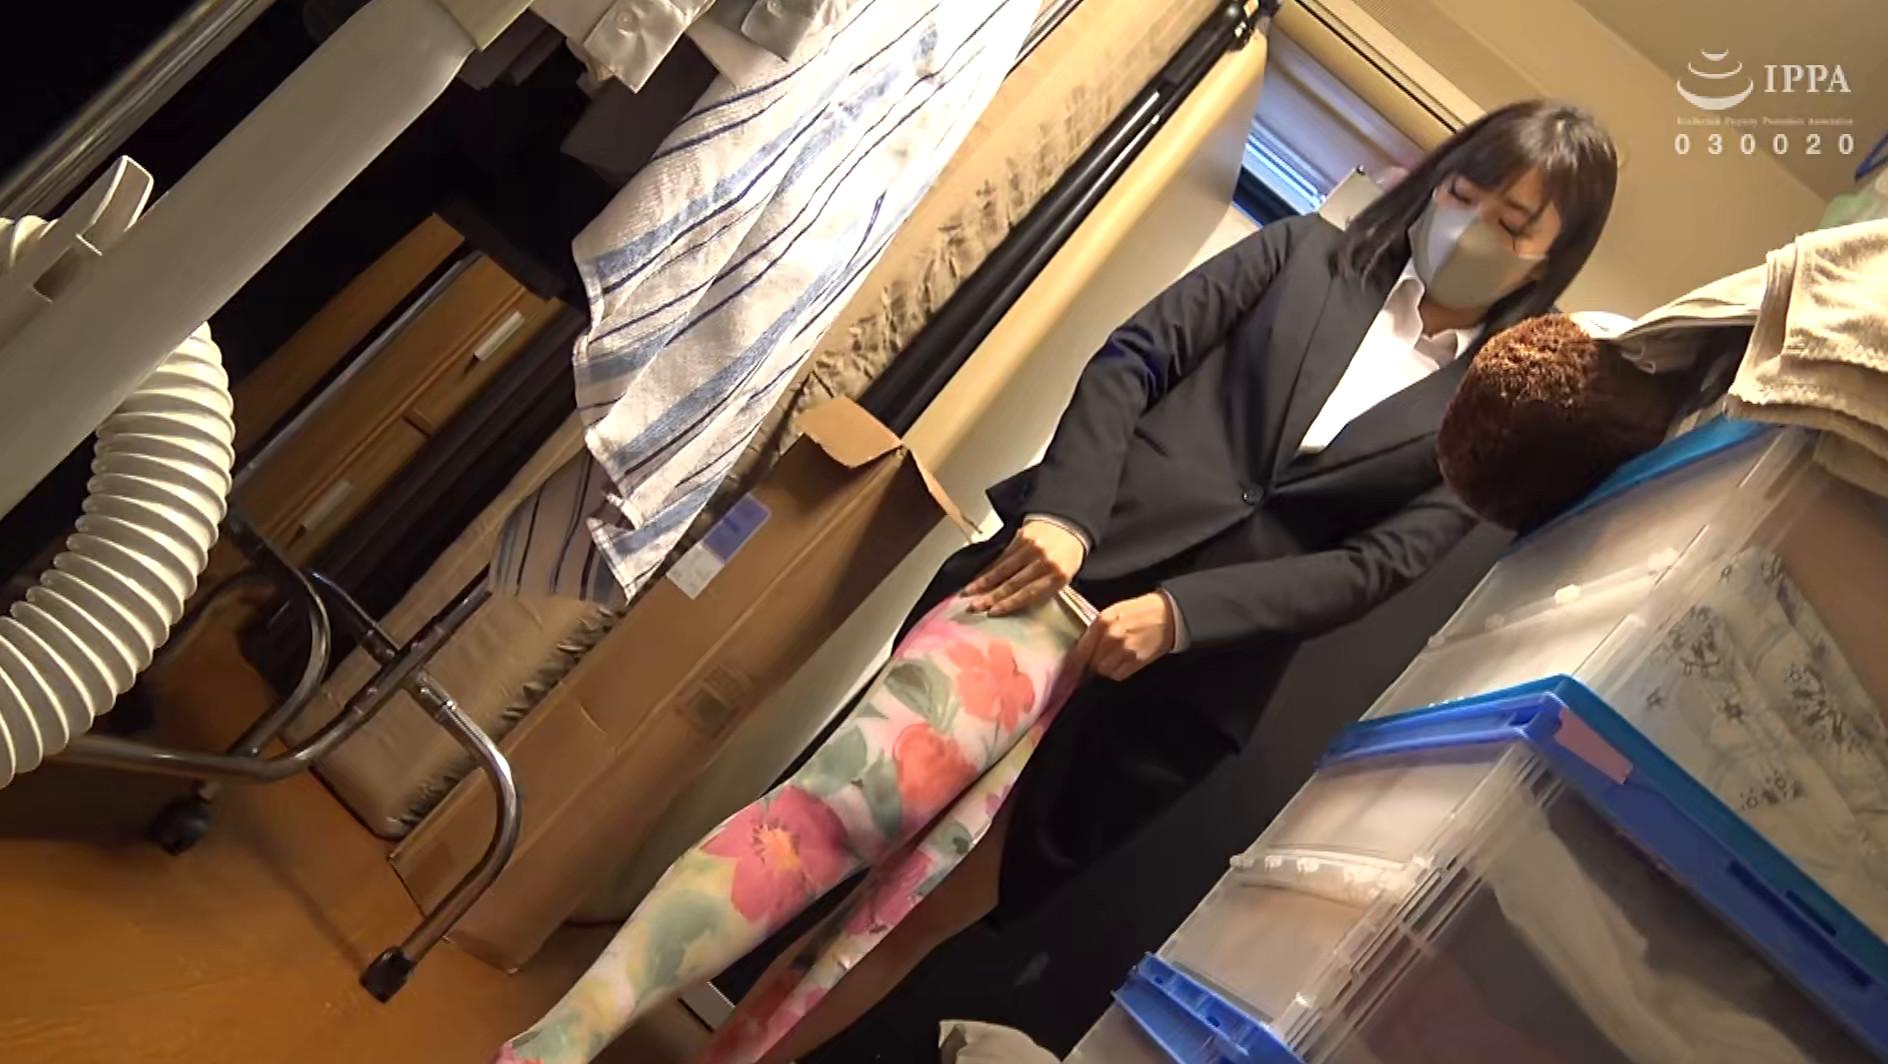 ゴーゴーズ人妻リモート忘年会~欲望の密宴2020~あちらこちらで蜜まみれ!?裏側全部見せます180分スペシャル